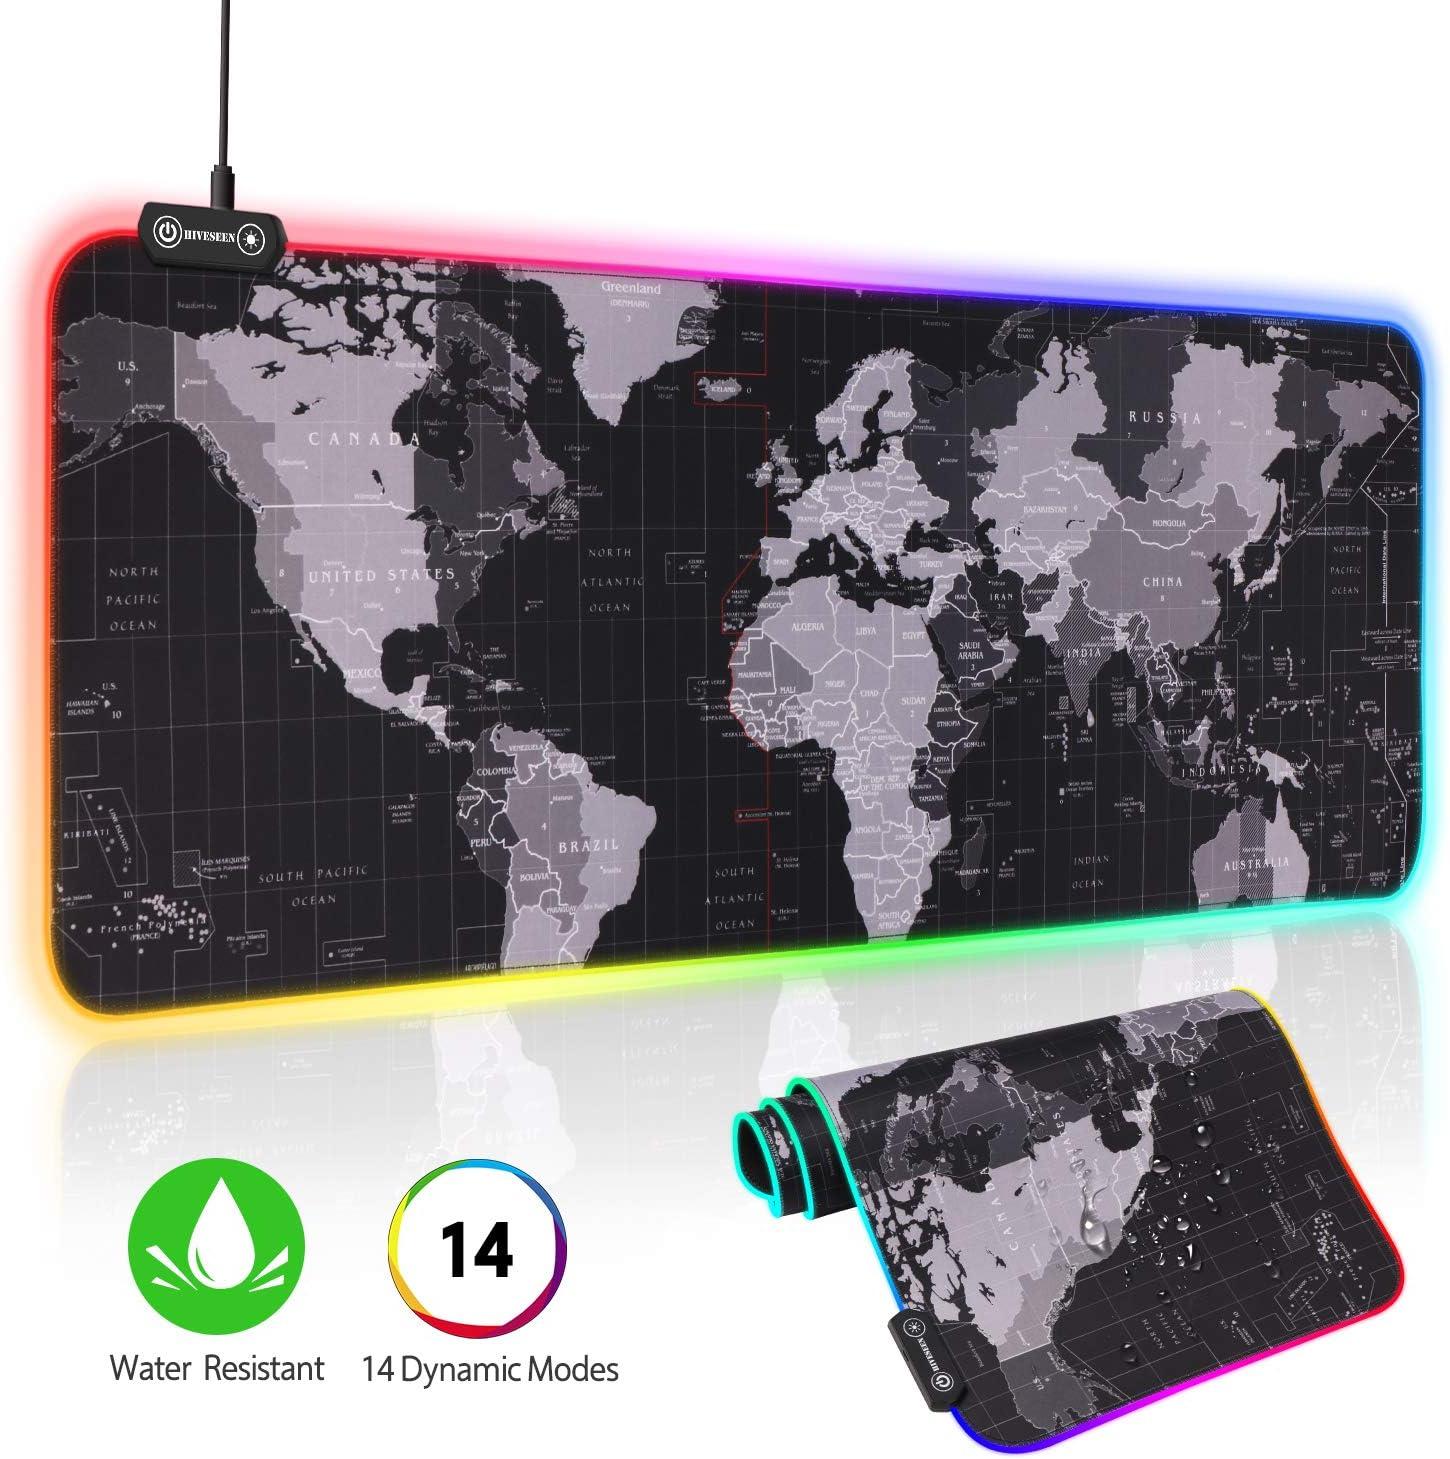 Hiveseen Alfombrilla de Ratón Gaming, 800*300mm RGB gaming mouse pad con 14 Modos Efectos de Luces, Superficie Texturizada Suave y impermeable con Base de Goma Antideslizante para Gamers,PC